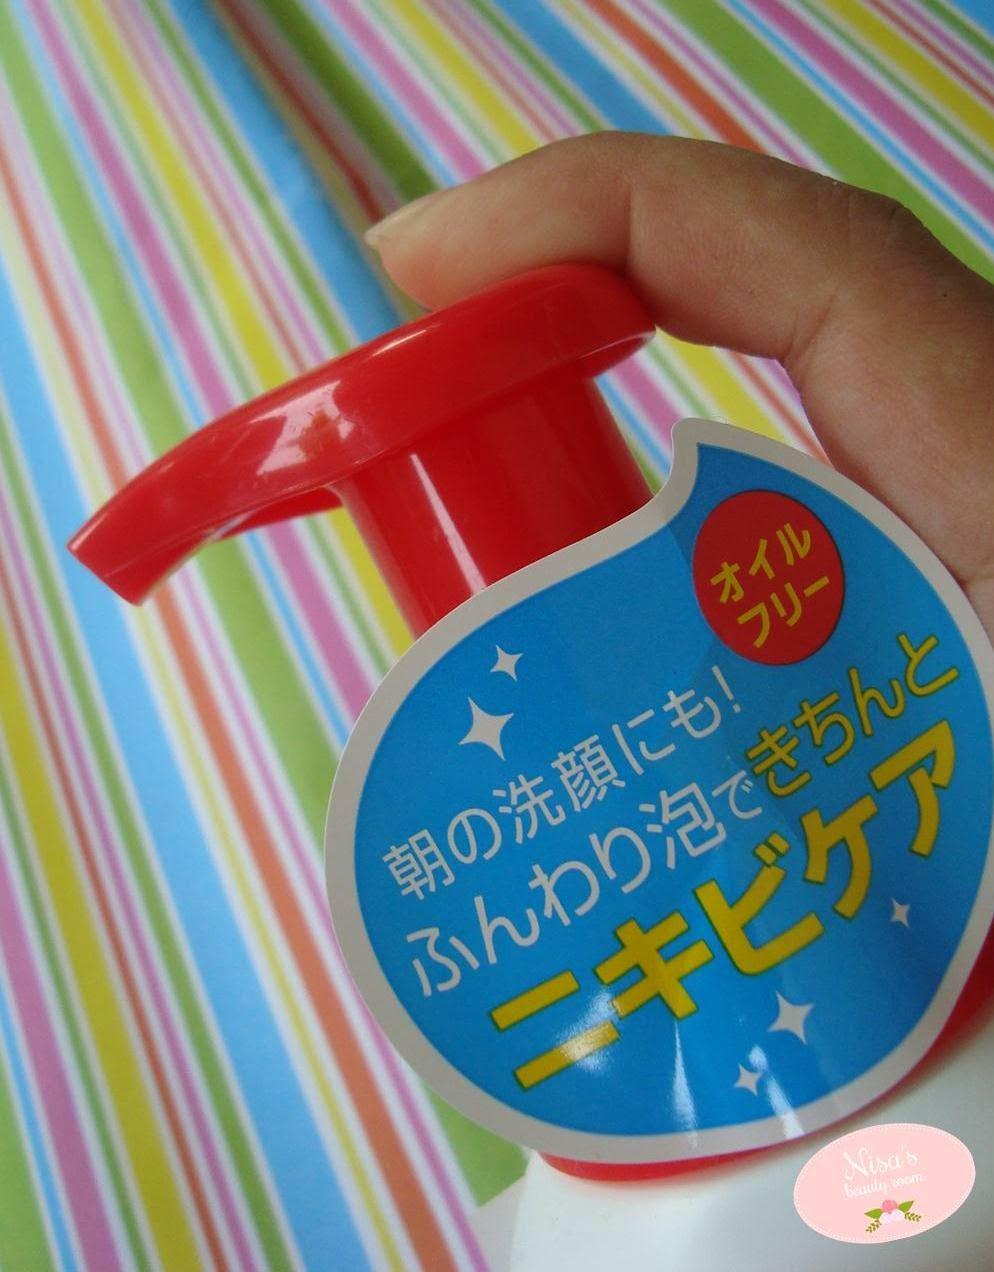 Review SkinLife Foaming Facial Wash